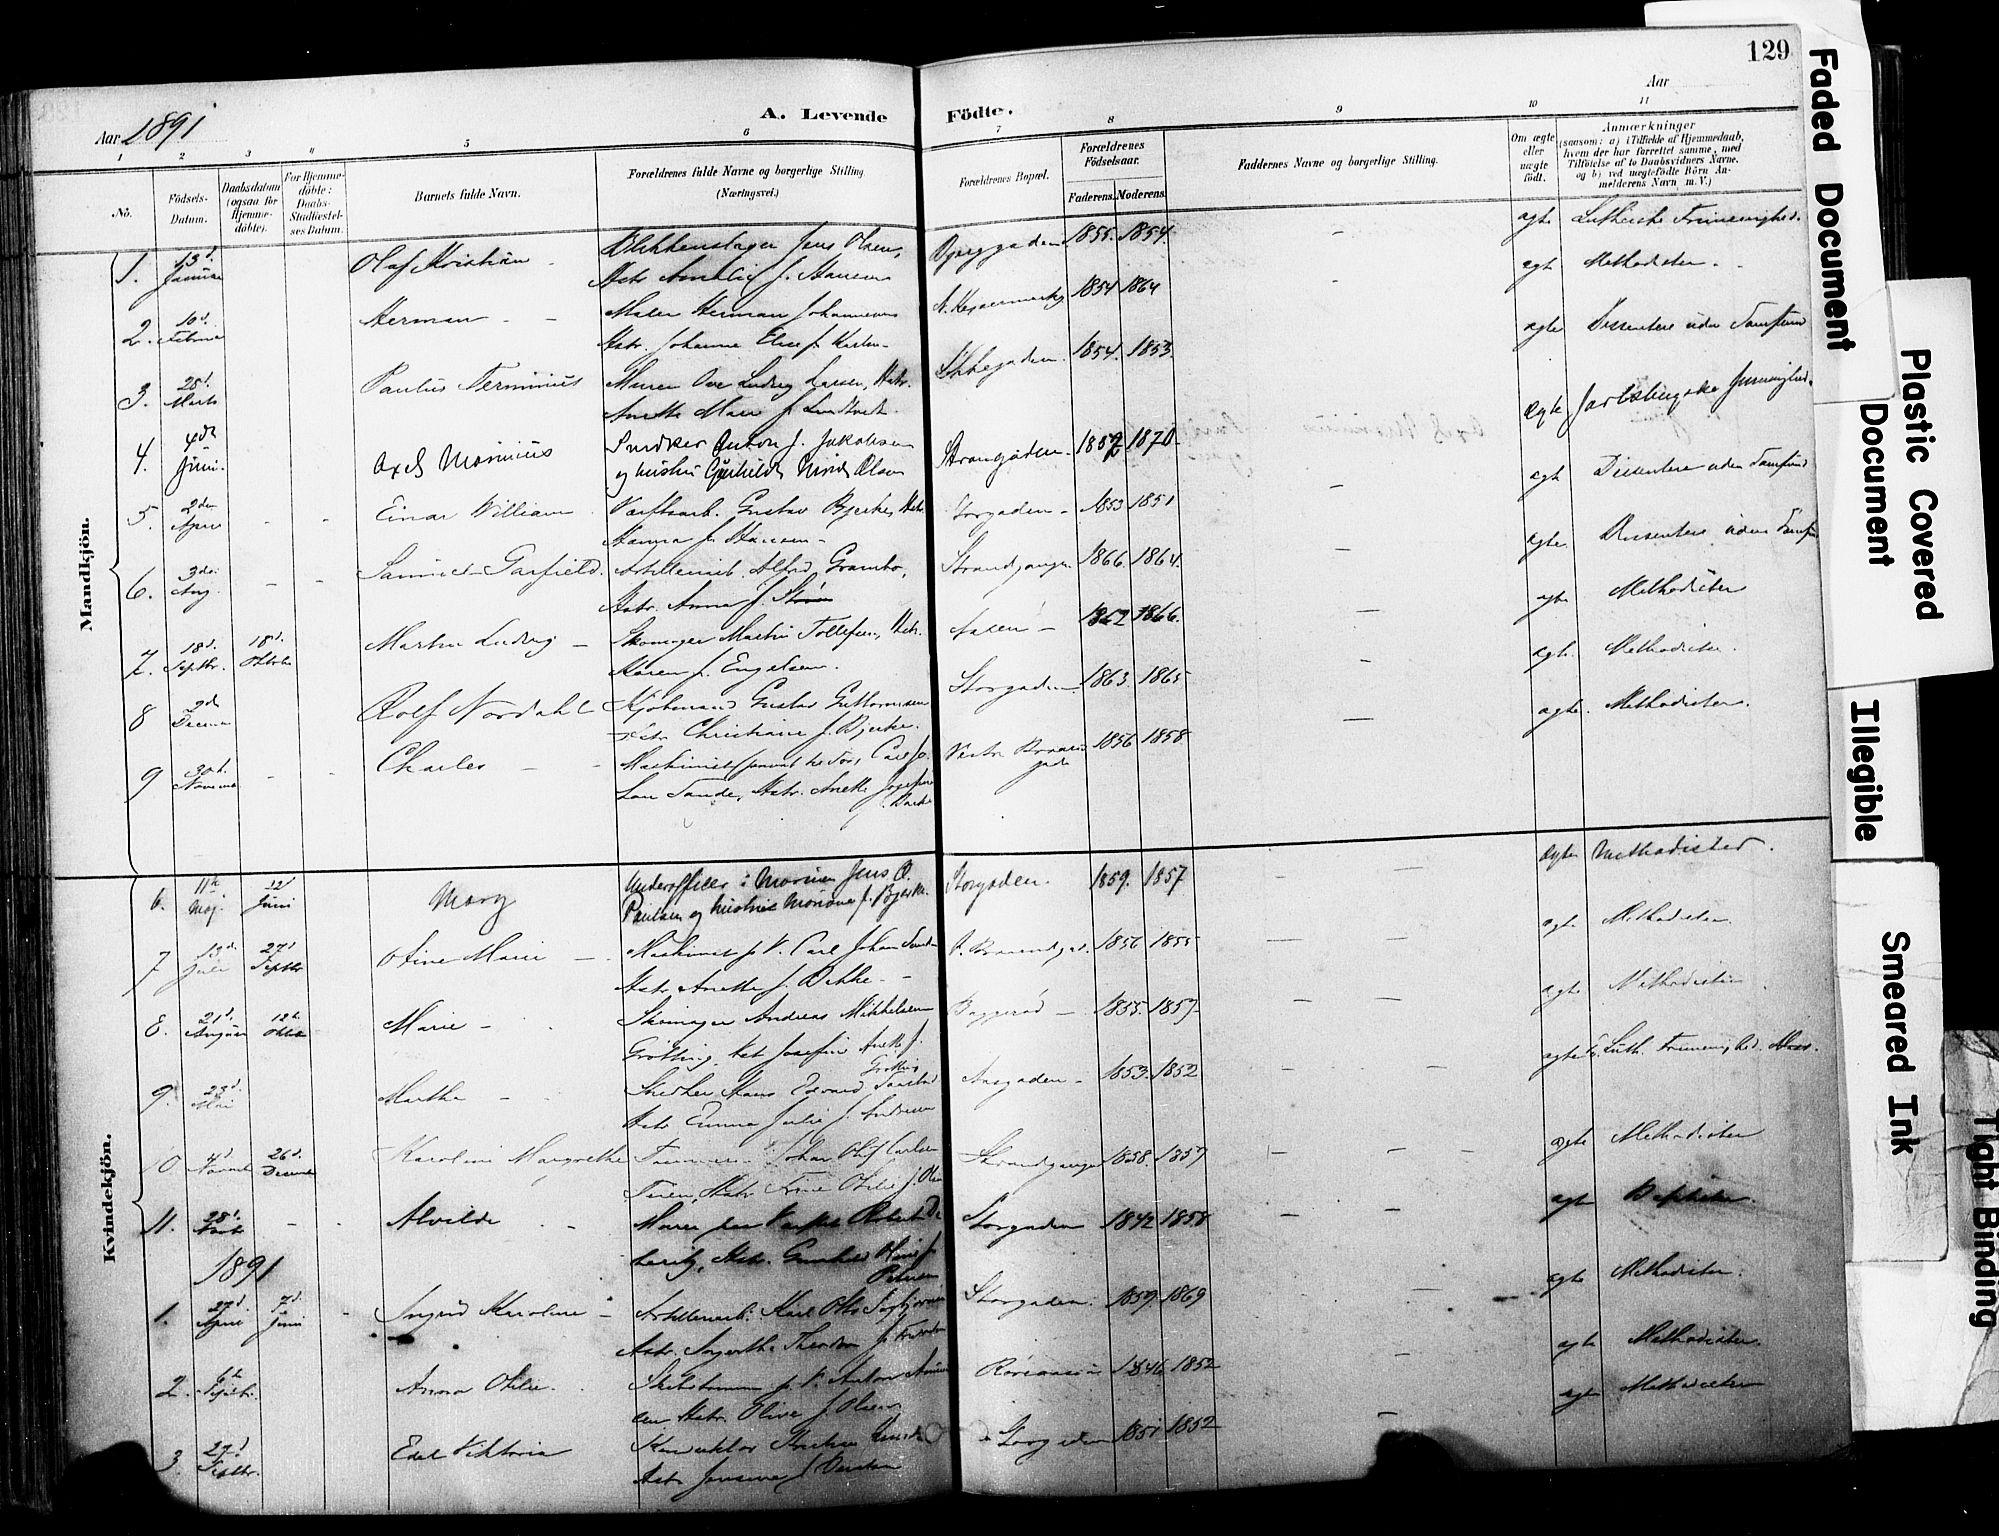 SAKO, Horten kirkebøker, F/Fa/L0004: Ministerialbok nr. 4, 1888-1895, s. 129